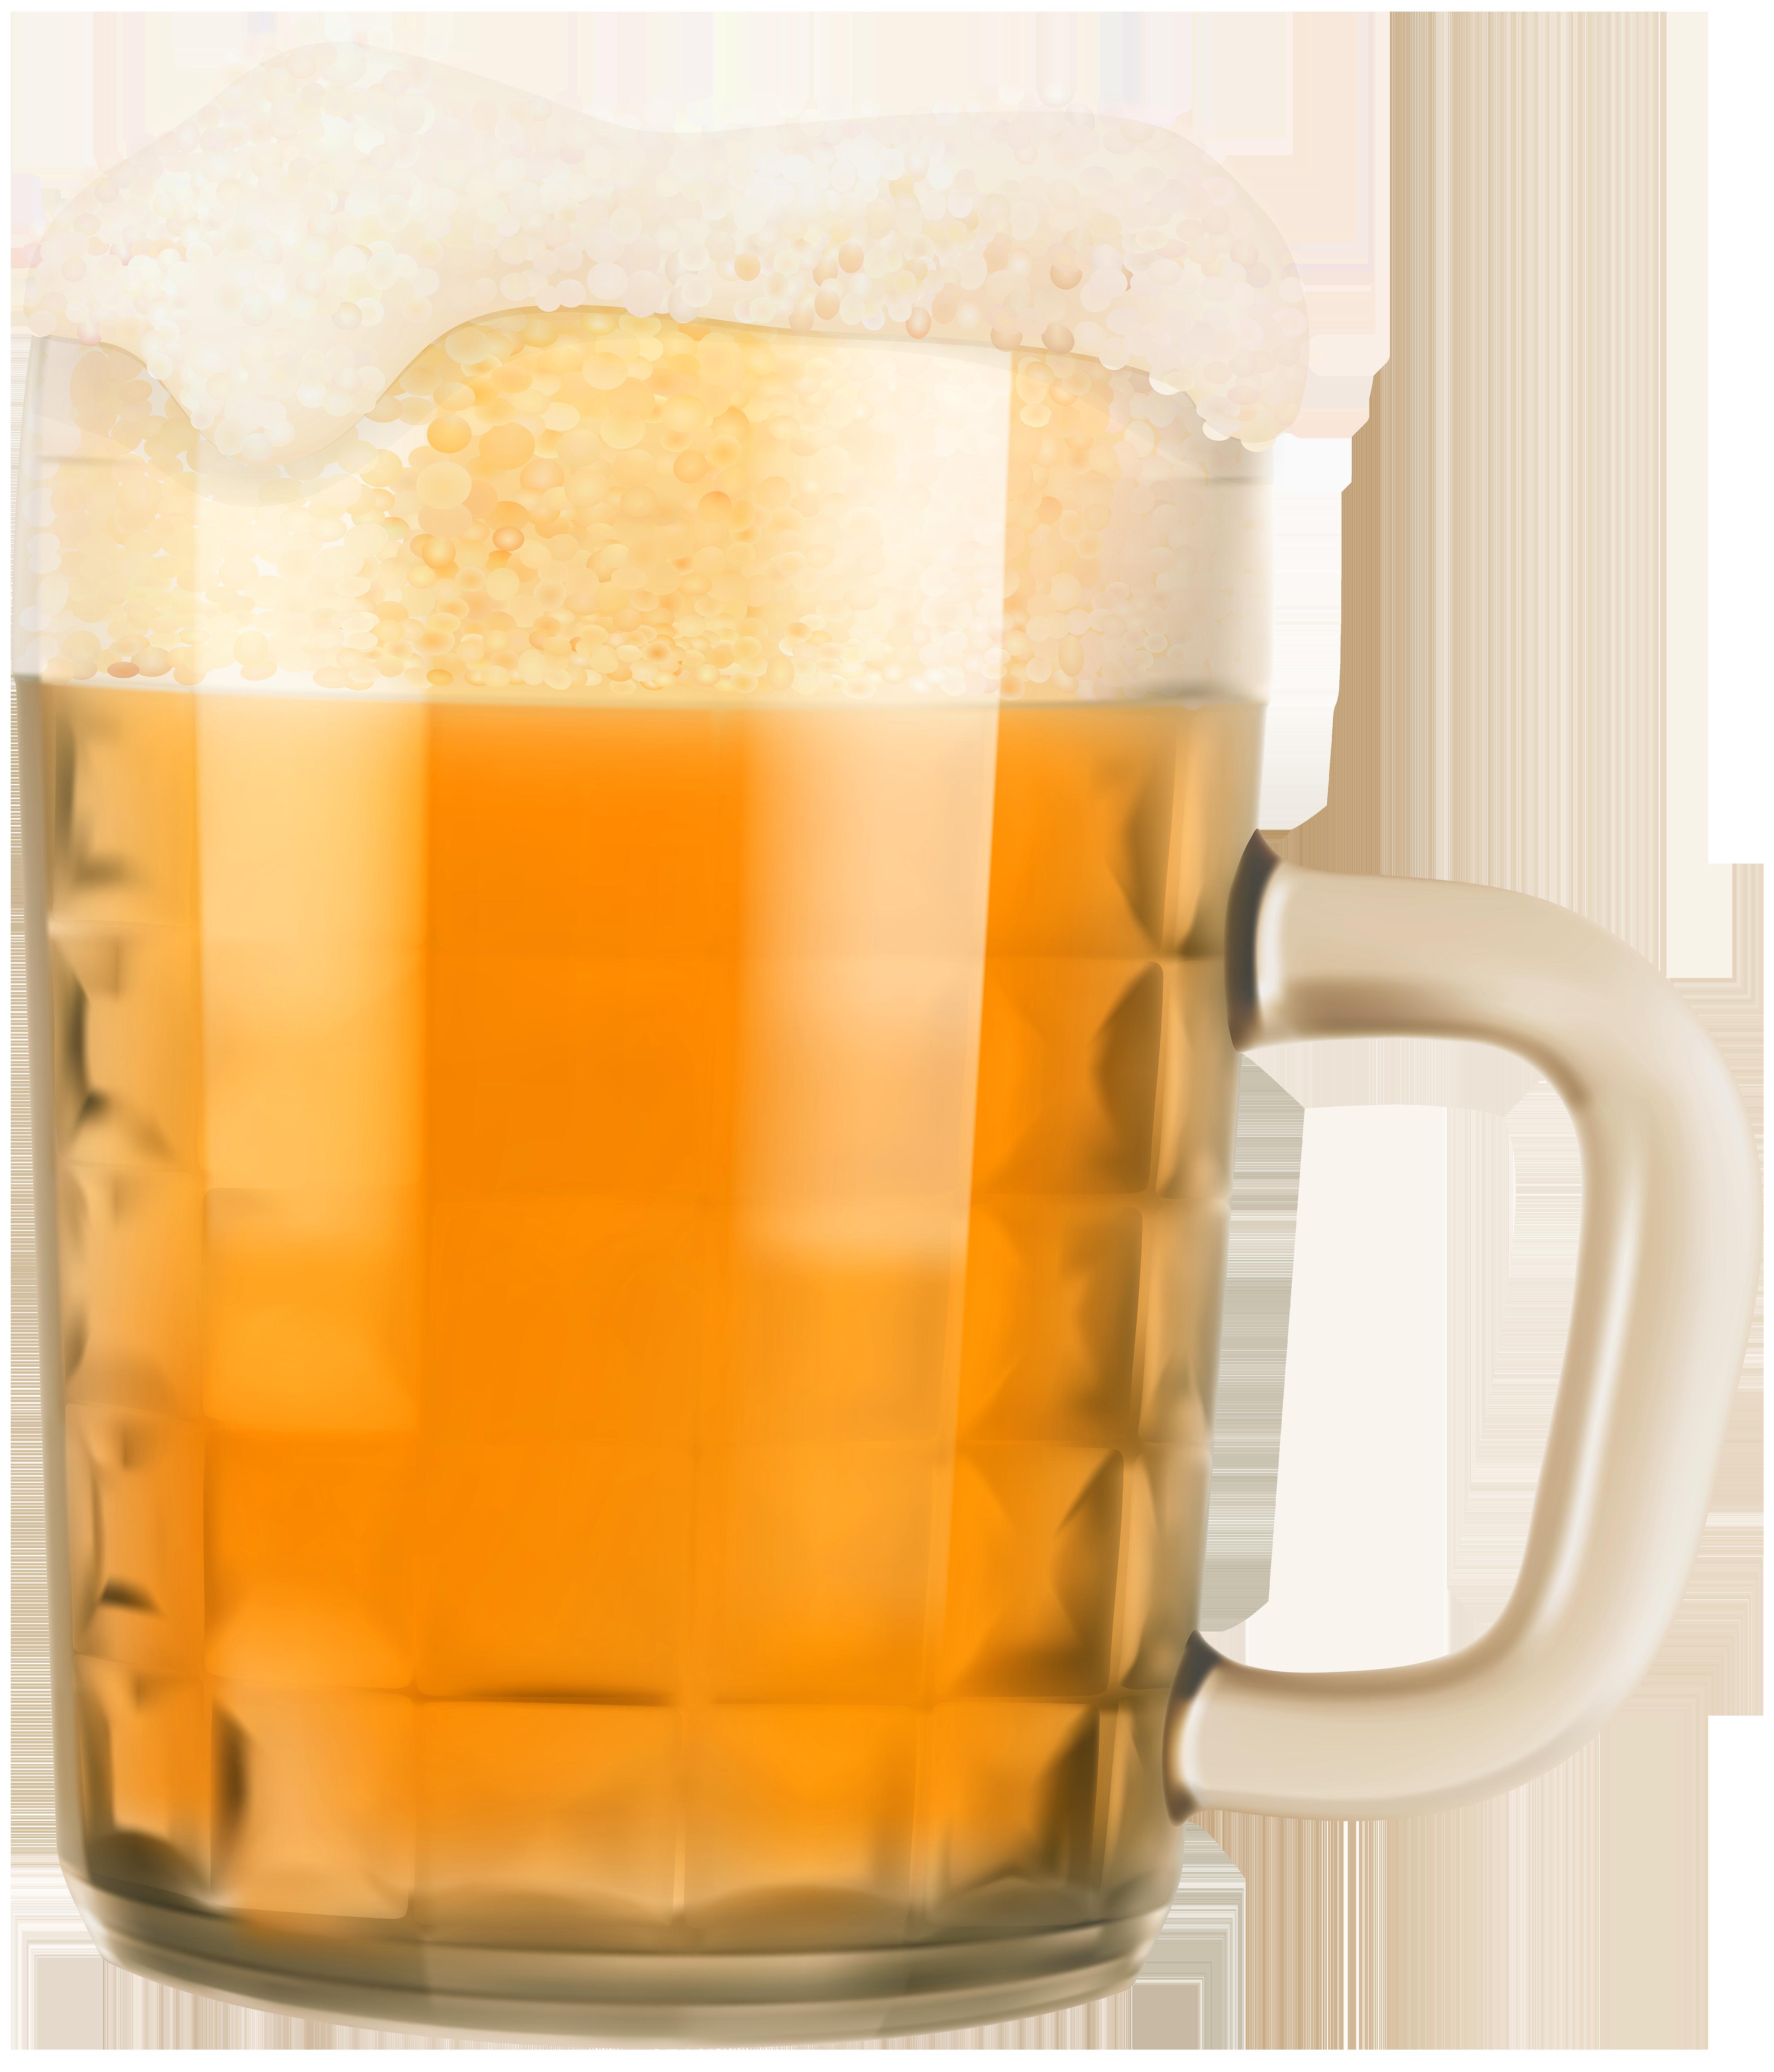 Oktoberfest beer png image. Mug clipart transparent background